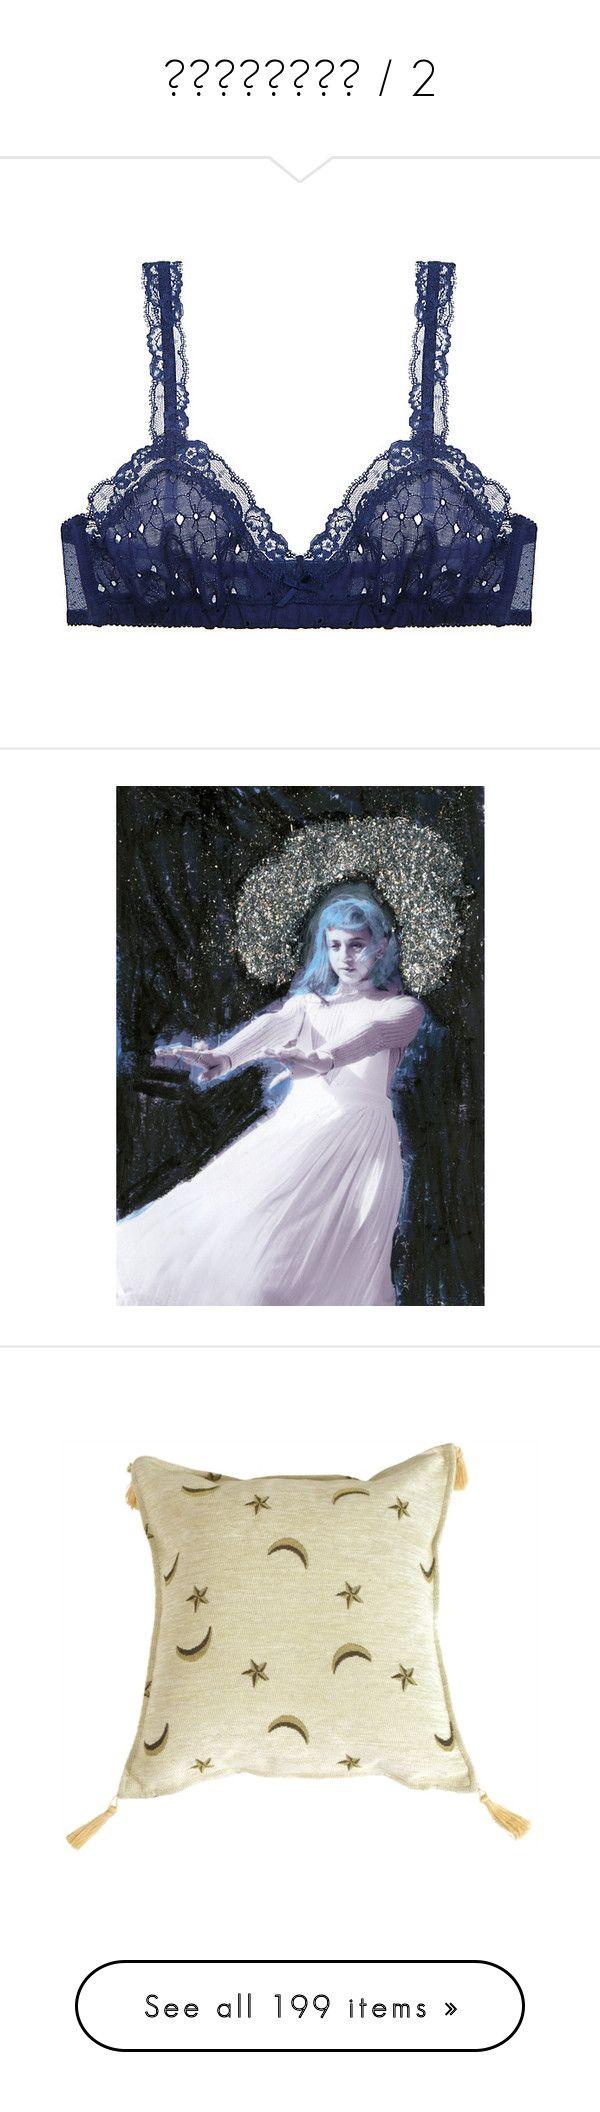 """""""γαλαξίας / 2"""" by haomind ❤ liked on Polyvore featuring intimates, bras, lingerie, underwear, bralet, corset bra, bralette bras, corset lingerie, lingerie corset and cotton corset"""